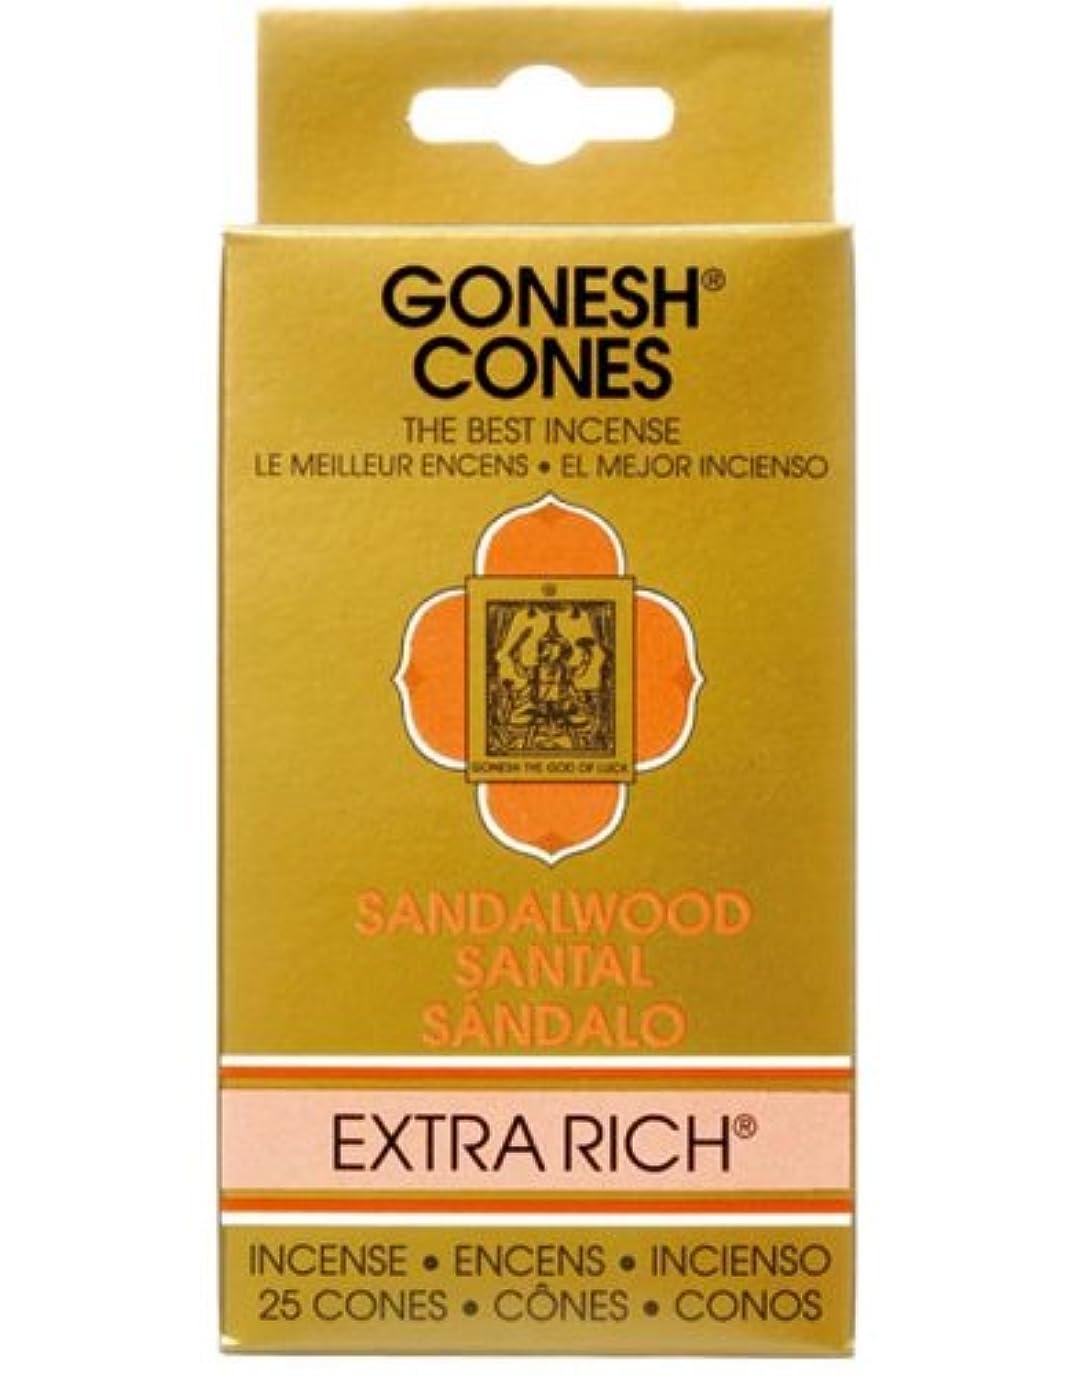 句気分が良い創傷ガーネッシュ(GONESH) エクストラリッチ インセンス コーン サンダルウッド(白檀) 25個入(お香)